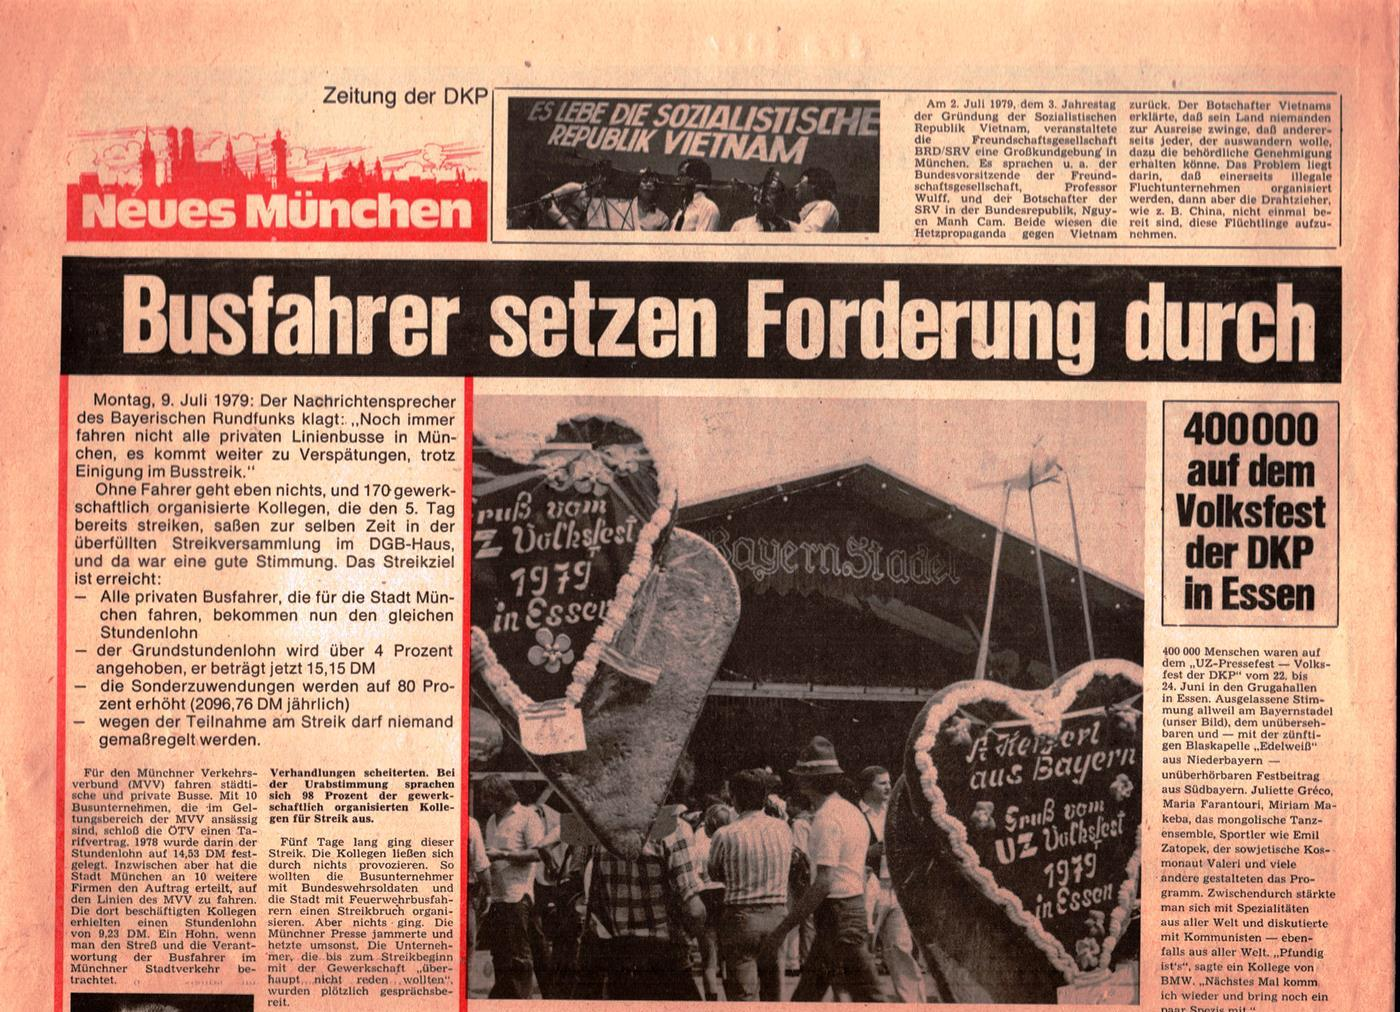 Muenchen_DKP_Neues_Muenchen_19790700_007_007